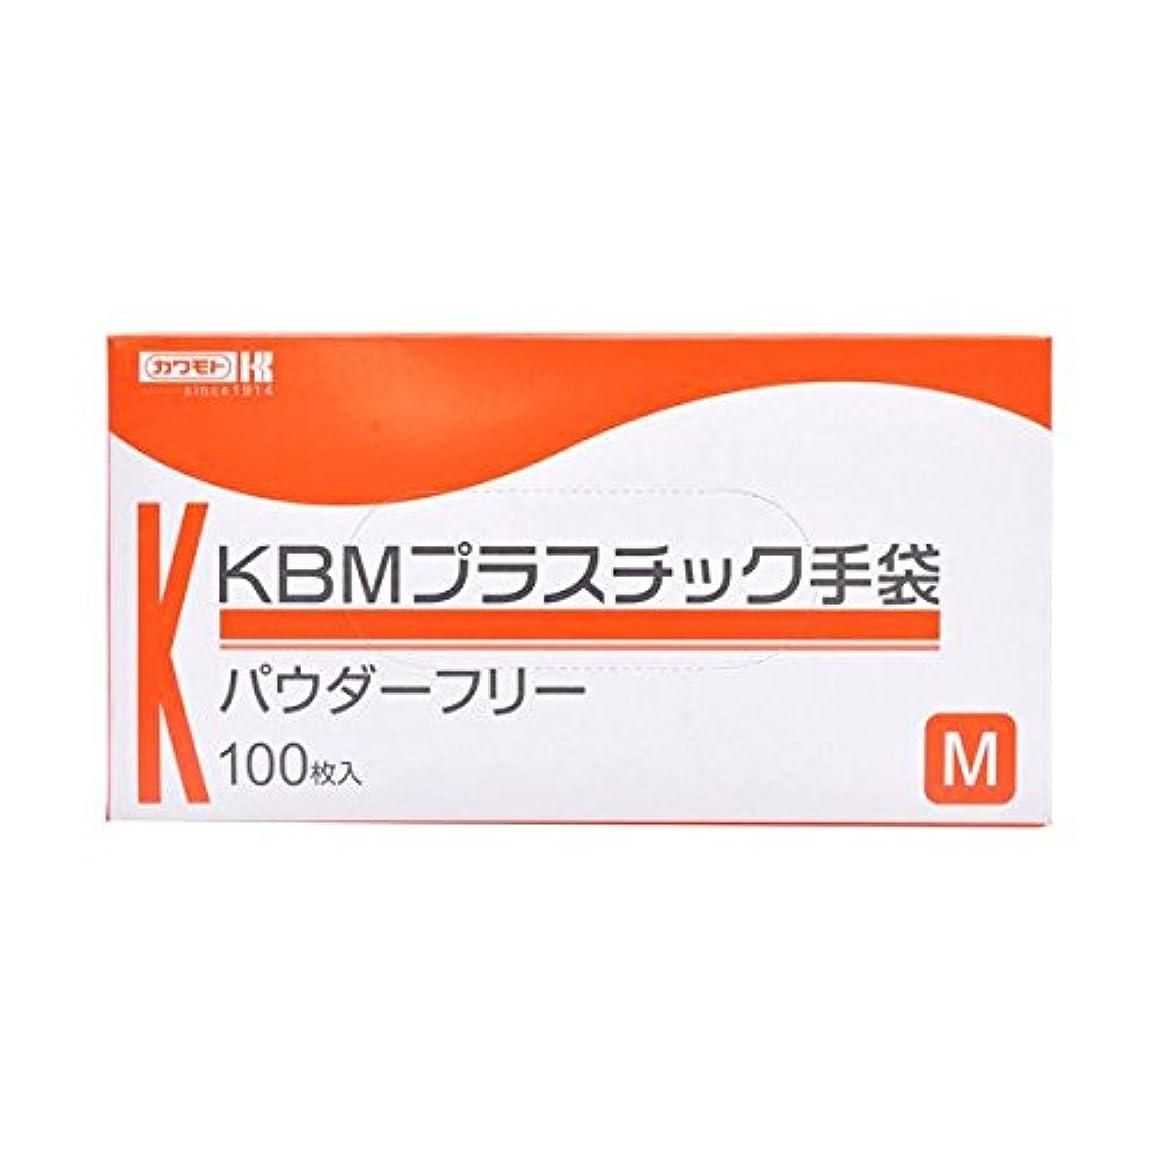 皮祈る剃る川本産業 KBMプラスチック手袋 パウダーフリー M 100枚入 ×3個